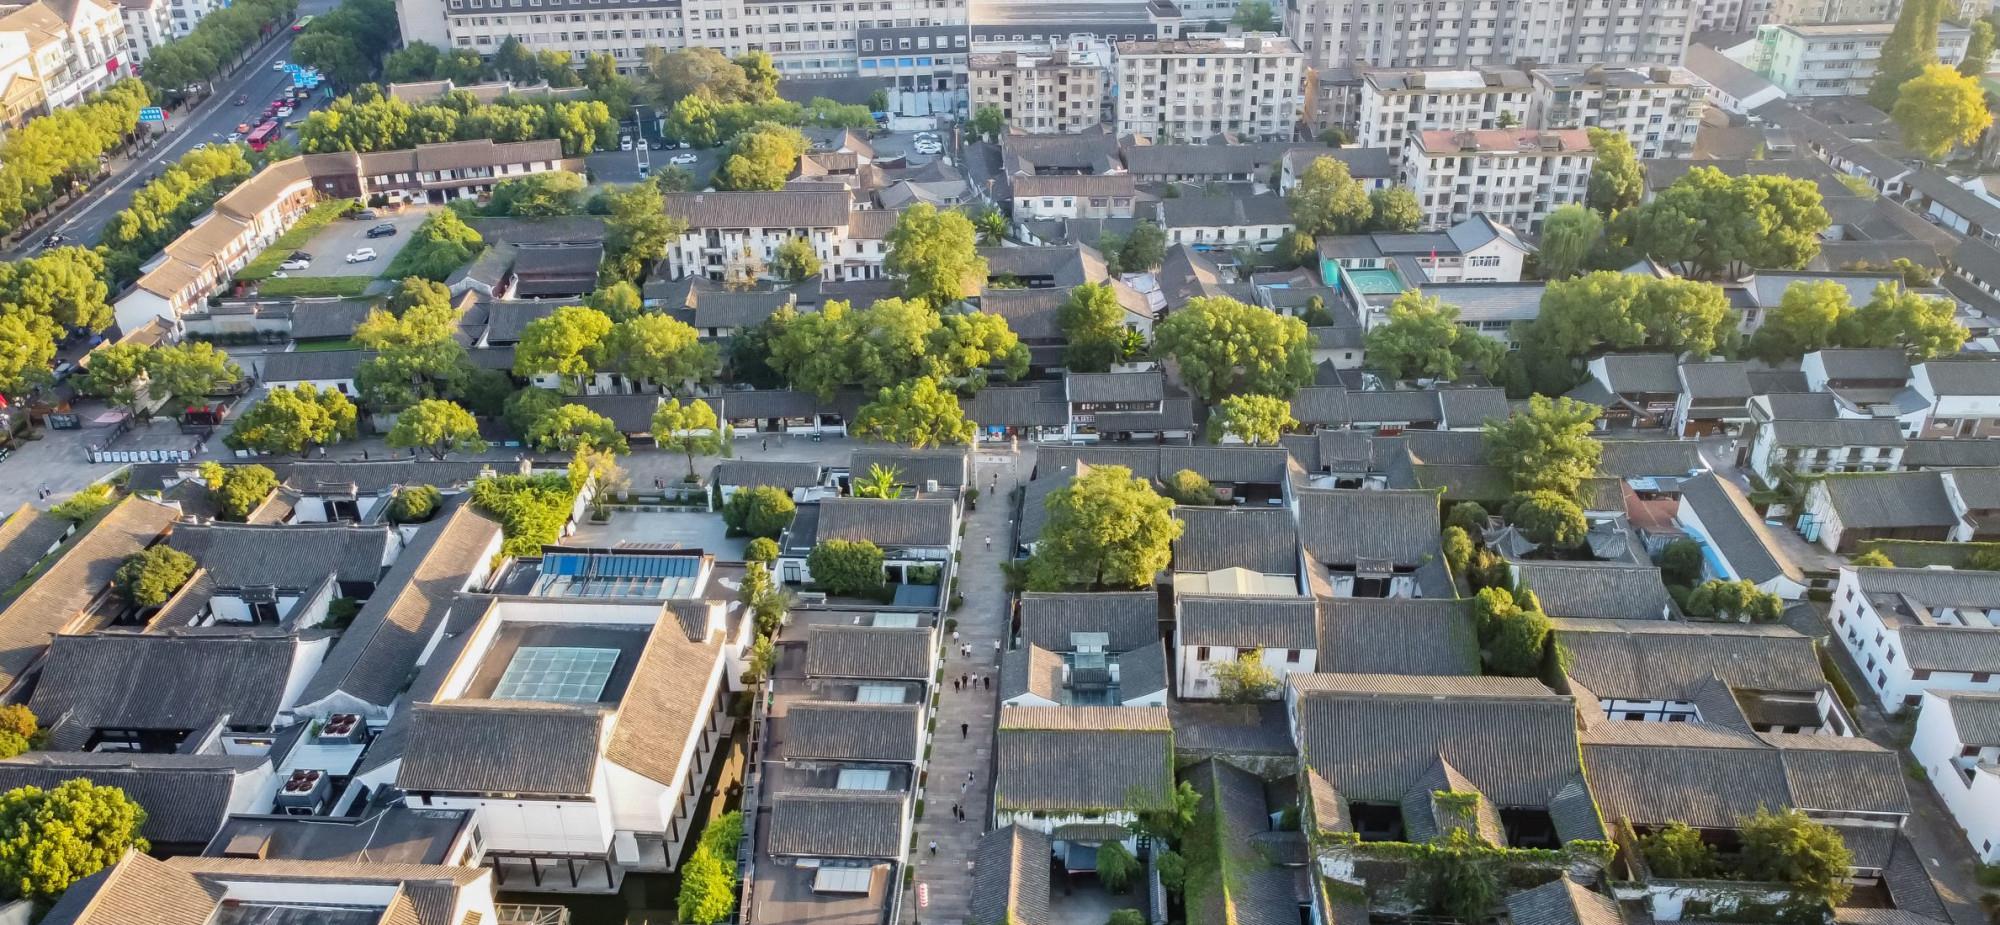 绍兴最出名的景点,鲁迅故乡报告文豪故事,位于郊区还不